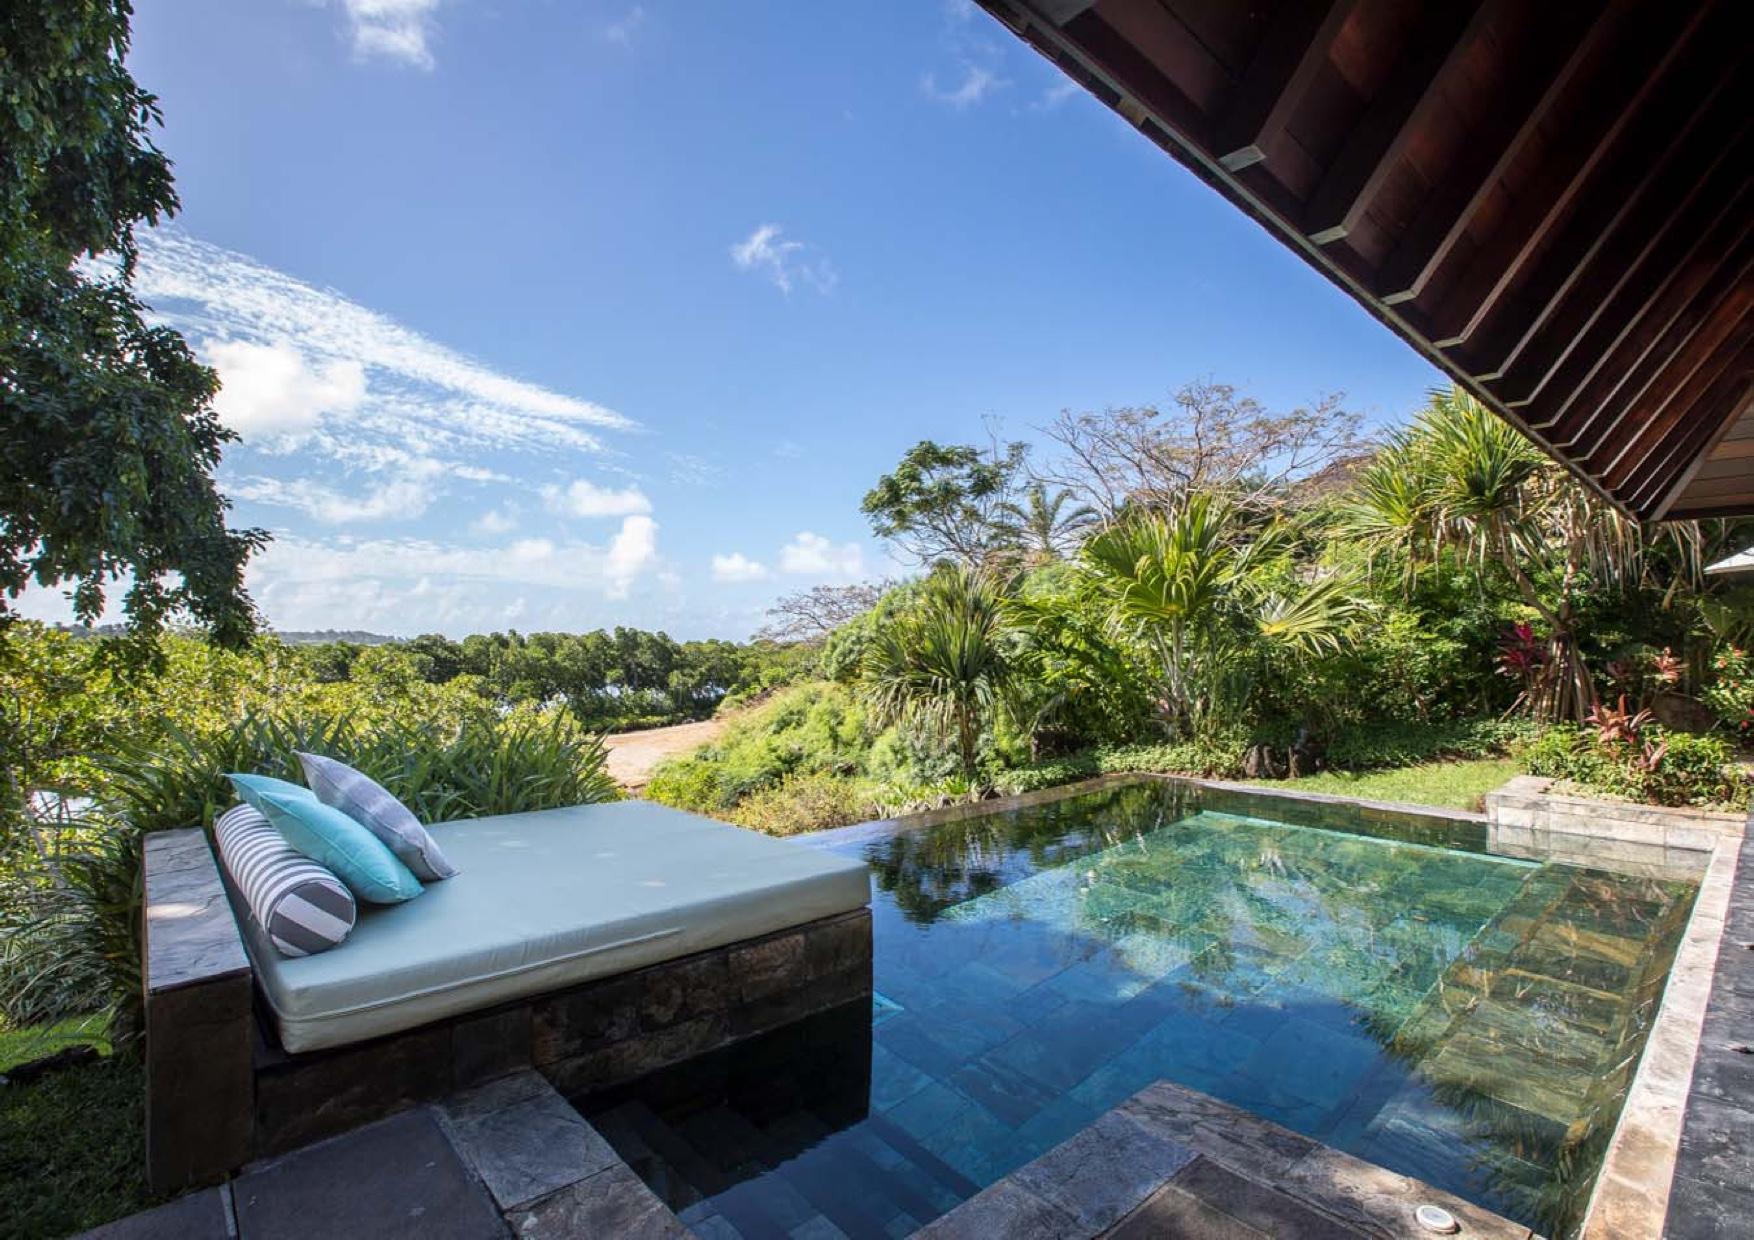 île Maurice - Superbe villa Four Seasons d'un style architectural contemporain